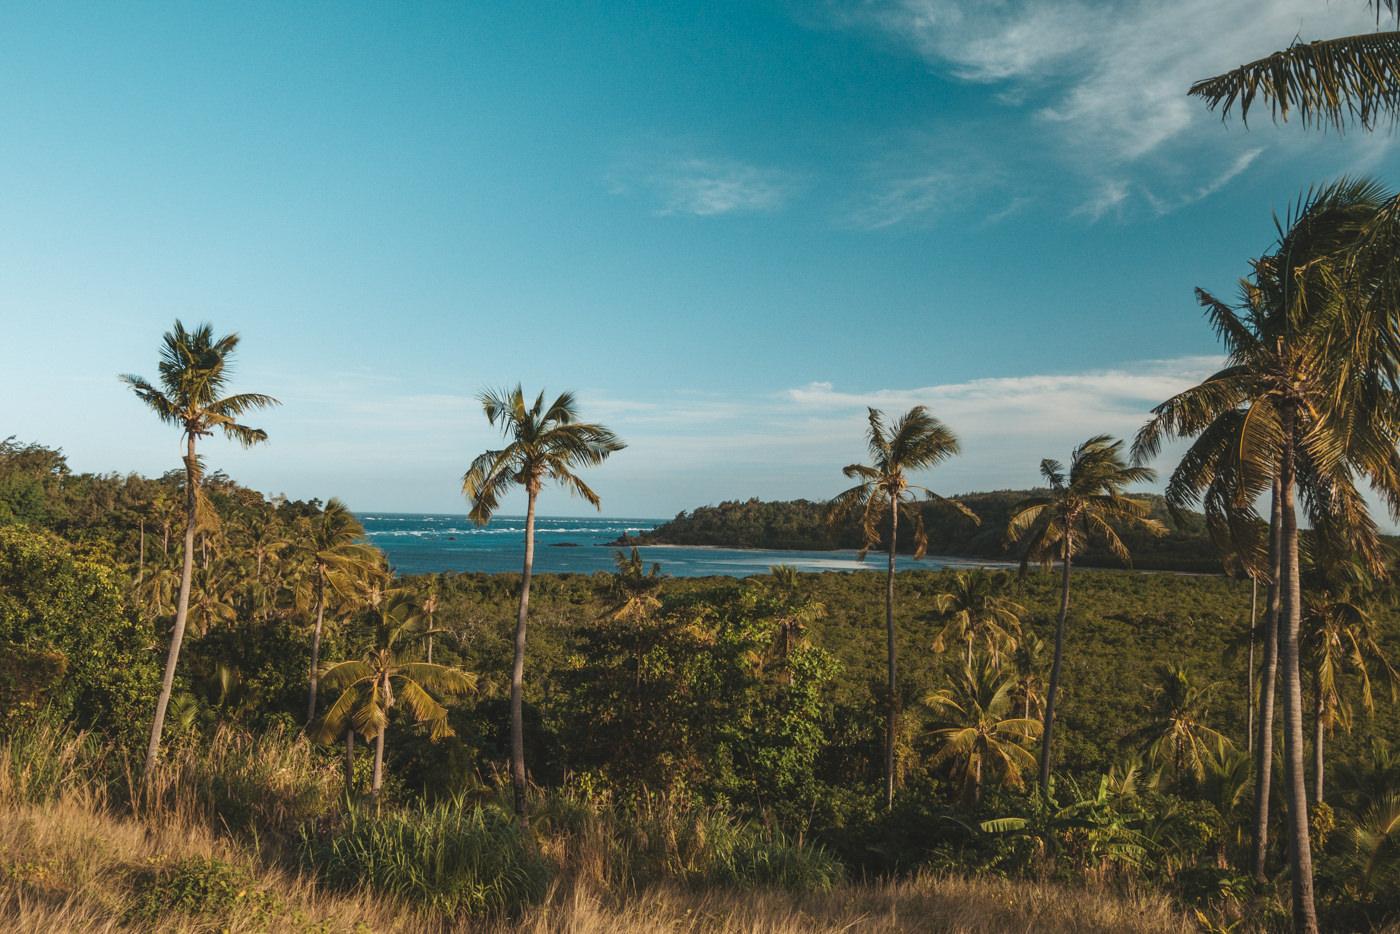 Meerblick auf den Fidschis